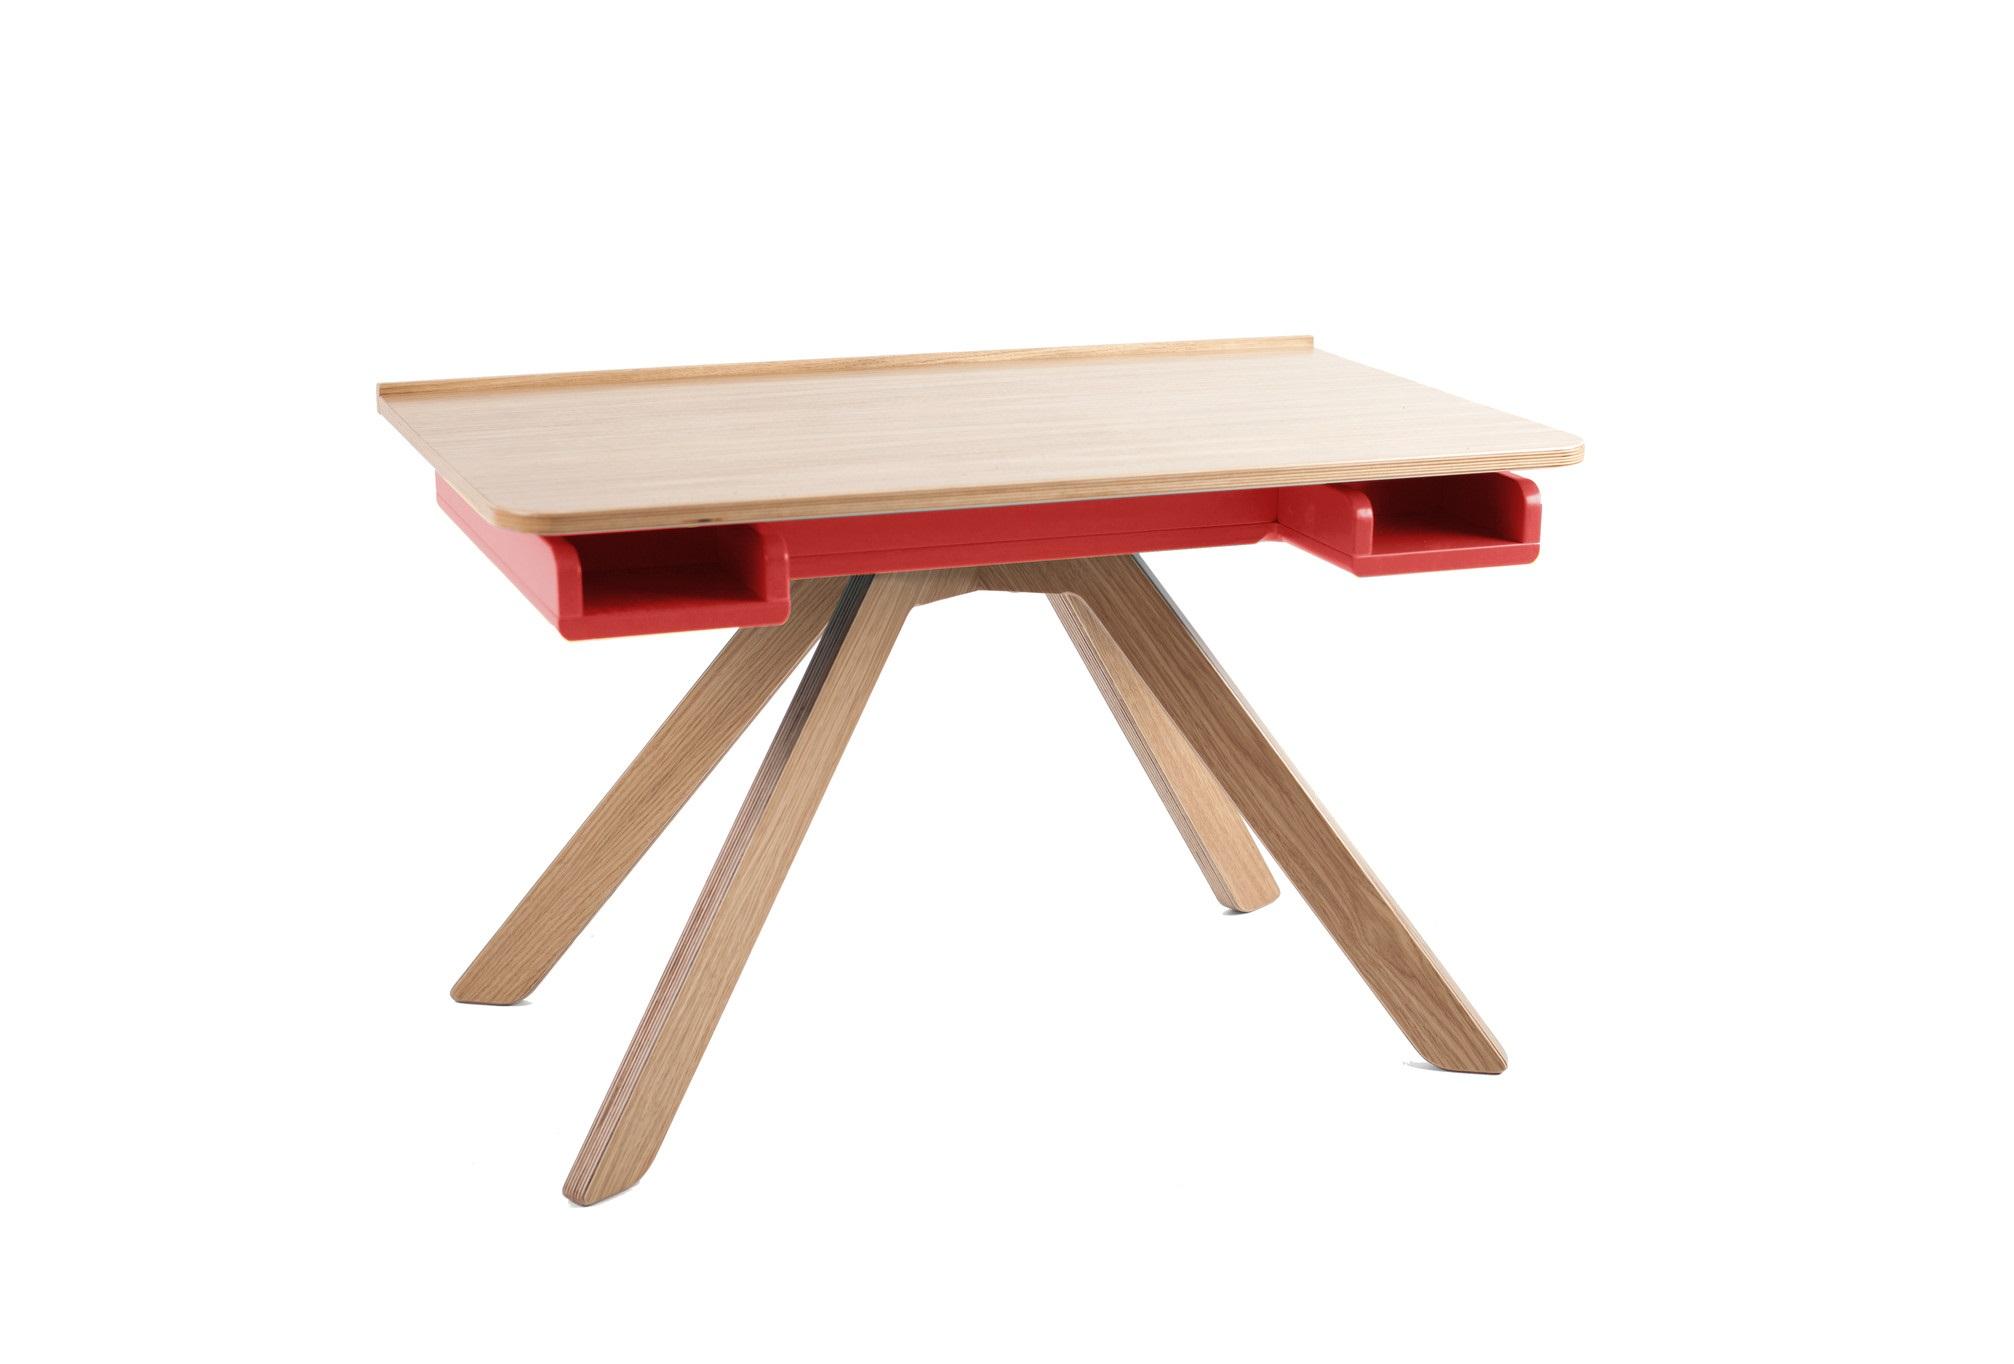 Стол-мольберт MalevichДетские письменные столики<br>&amp;lt;div&amp;gt;Стол многофункционален: его можно использовать как место для лепки, чтения, или игры, так и в качестве мольберта для рисования и предмета для хранения.&amp;amp;nbsp;&amp;lt;/div&amp;gt;&amp;lt;div&amp;gt;&amp;lt;br&amp;gt;&amp;lt;/div&amp;gt;&amp;lt;div&amp;gt;- Вместительное пространство для хранения позволит сохранить порядок в комнате, ведь туда с легкостью поместится все необходимое для творчества.&amp;amp;nbsp;&amp;lt;/div&amp;gt;&amp;lt;div&amp;gt;- На столешнице есть специальная накладка, куда ребенок при использовании мольберта может класть кисточки и карандаши.&amp;amp;nbsp;&amp;lt;/div&amp;gt;&amp;lt;div&amp;gt;- В столе также есть небольшие полочки, к которым есть доступ при закрытой столешнице, туда ребенок может положить карандаши, маленькую игрушку или еще какую-то мелочь.&amp;amp;nbsp;&amp;lt;/div&amp;gt;&amp;lt;div&amp;gt;- Столешница сделана из фанеры, покрыта дубовым шпоном и выкрашена прозрачным лаком и это не случайно: царапины и вмятины не будут заметны так сильно, как на столешницах, выкрашенных эмалью.&amp;amp;nbsp;&amp;lt;/div&amp;gt;&amp;lt;div&amp;gt;- Благодаря удобным механизмам и наличию зазоров между столешницей и отсеком для хранения, ребенок сможет самостоятельно поднимать и опускать столешницу, не прищемляя пальчики.&amp;amp;nbsp;&amp;lt;/div&amp;gt;&amp;lt;div&amp;gt;&amp;lt;br&amp;gt;&amp;lt;/div&amp;gt;&amp;lt;div&amp;gt;Материал: березовая фанера, дубовый шпон.&amp;lt;/div&amp;gt;<br><br>Material: Фанера<br>Ширина см: 82<br>Высота см: 50<br>Глубина см: 50